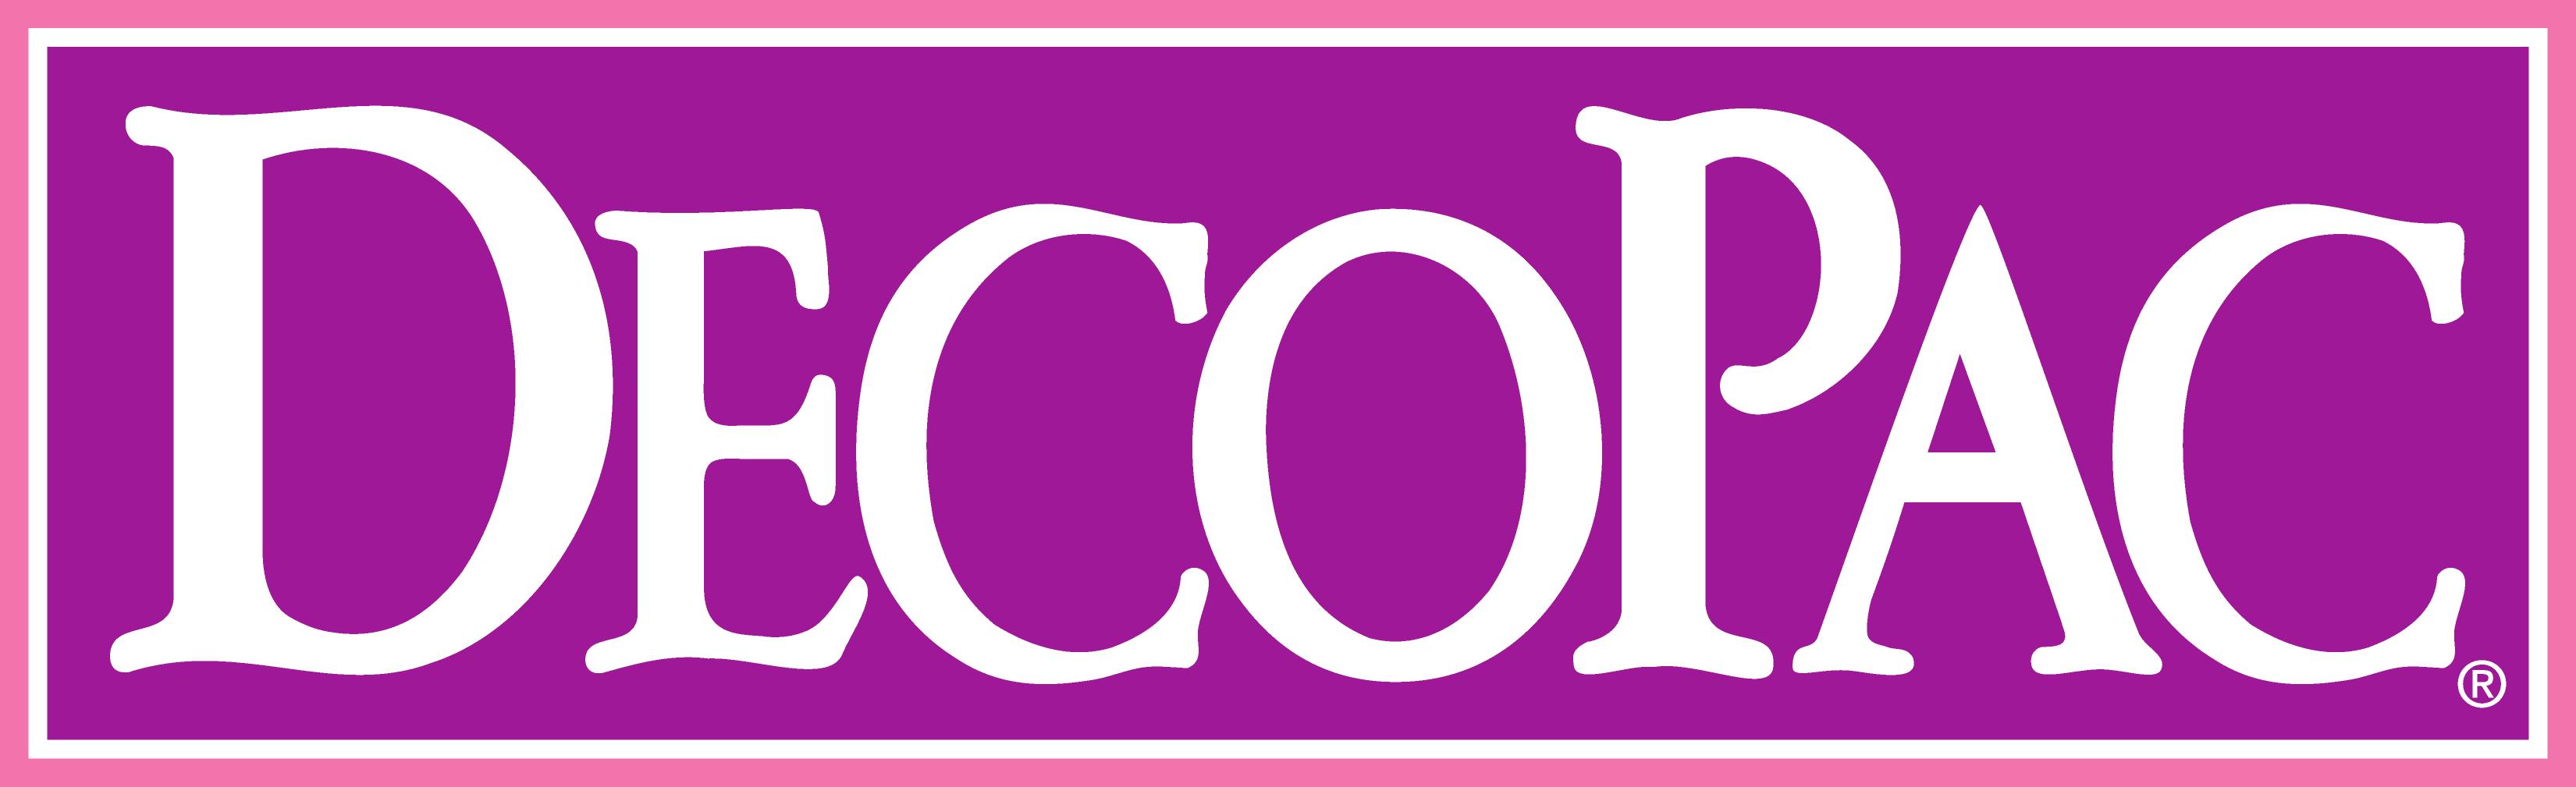 PhotoCake IV FAQ | DecoPac